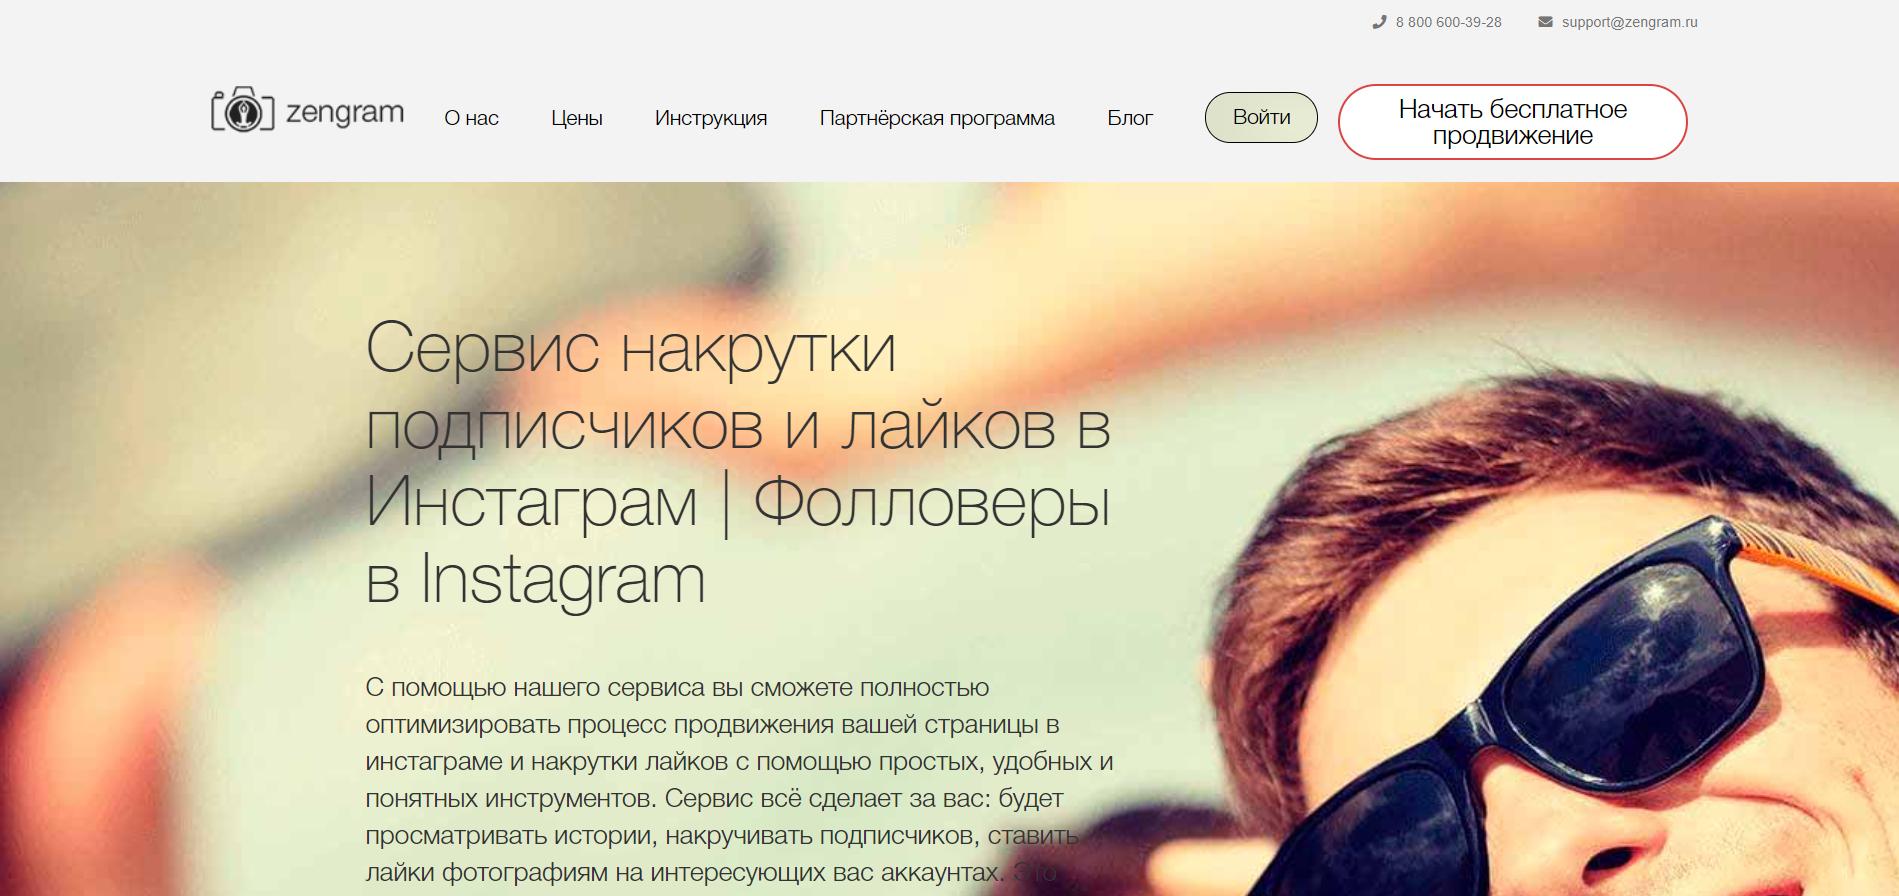 Zengram сервис для накрутки подписчиков в инстаграме